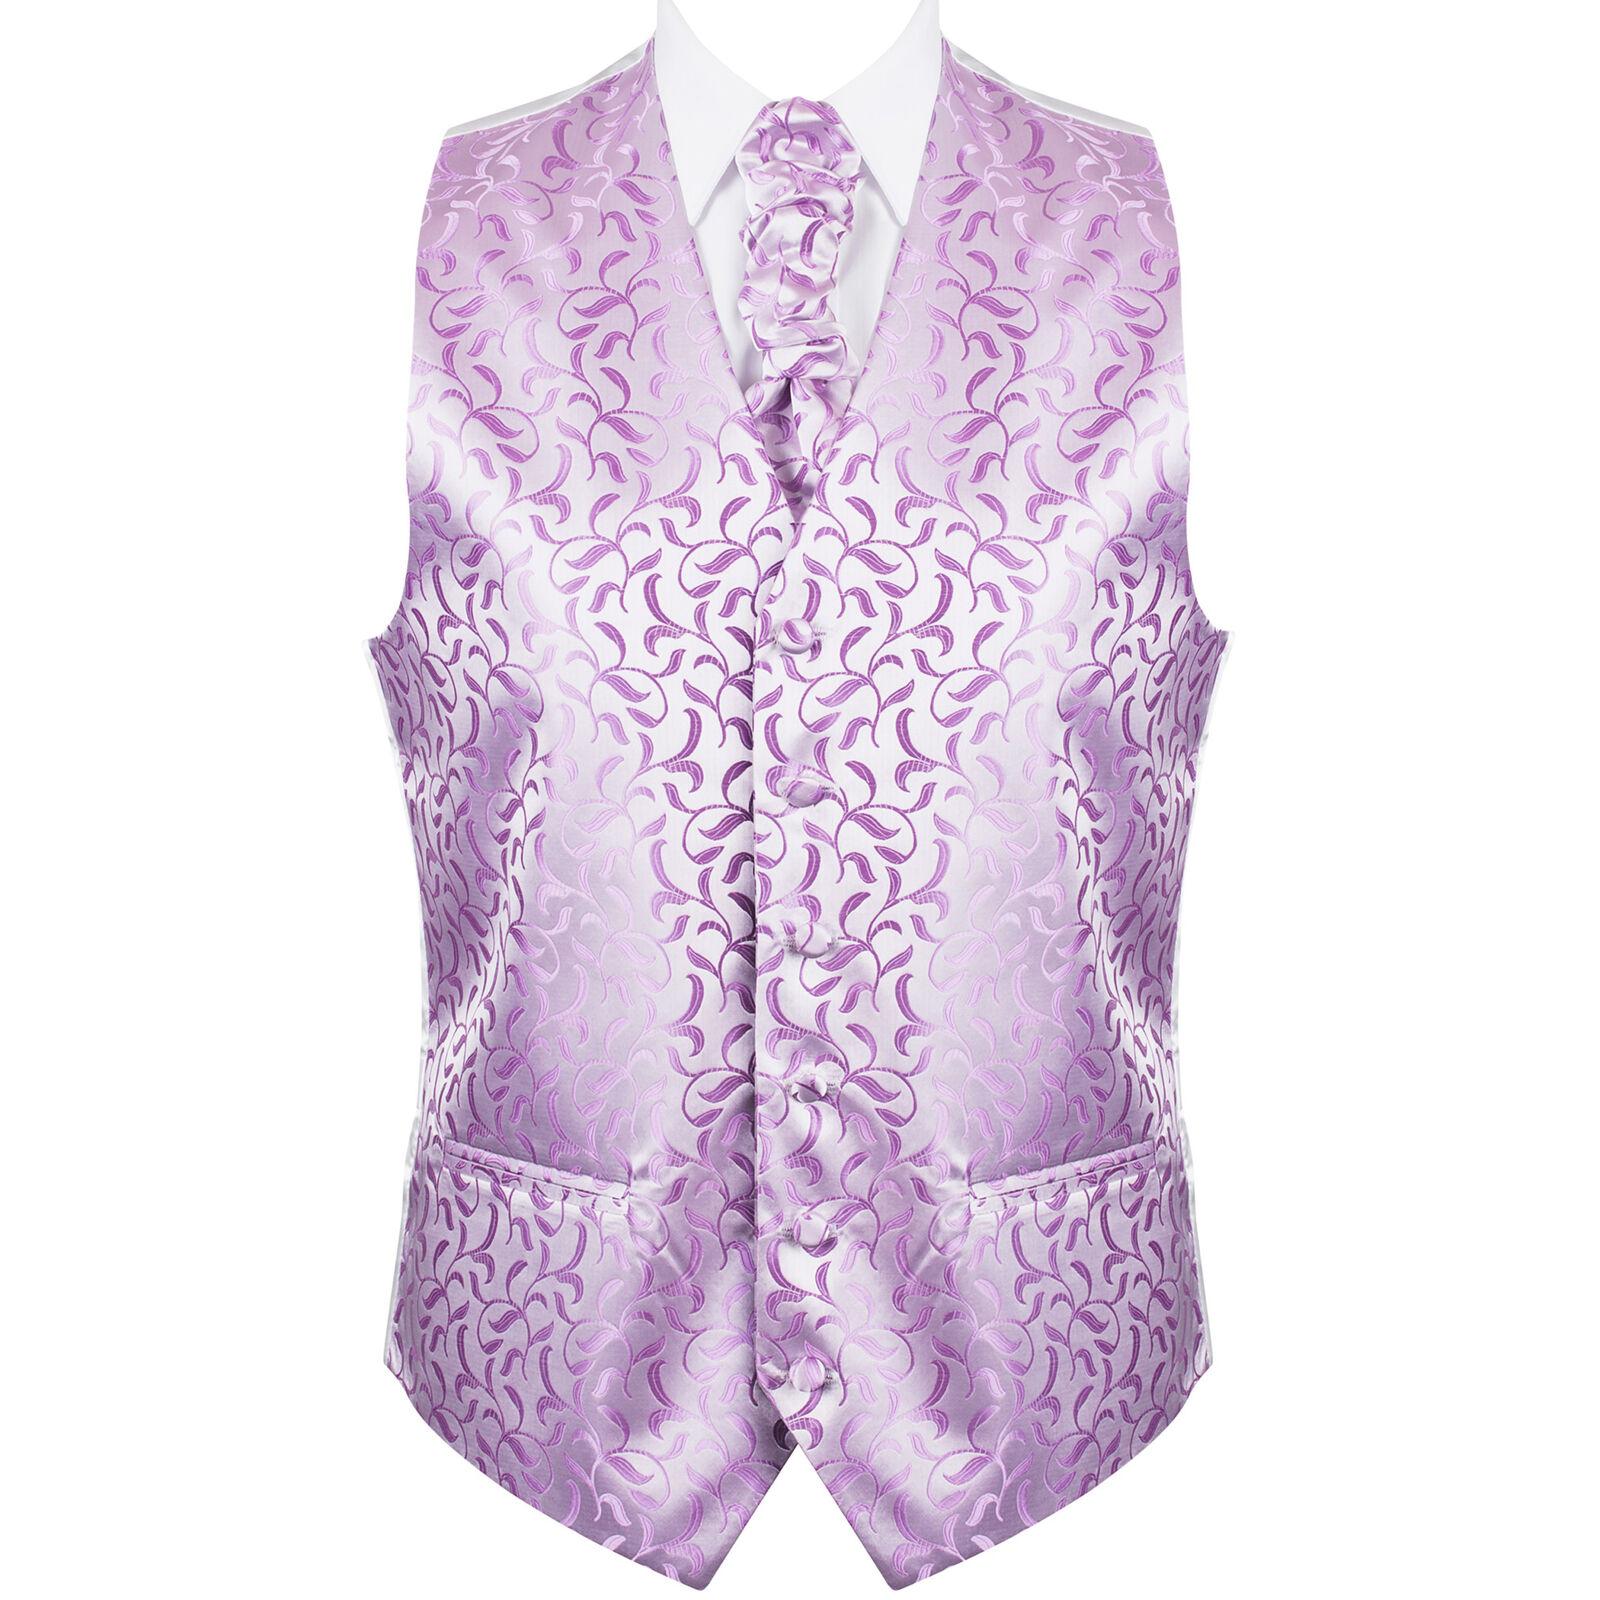 UK Men's Lilac Wedding Waistcoat Vintage Vine 6 Button Jacquard Suit Vest Tailor